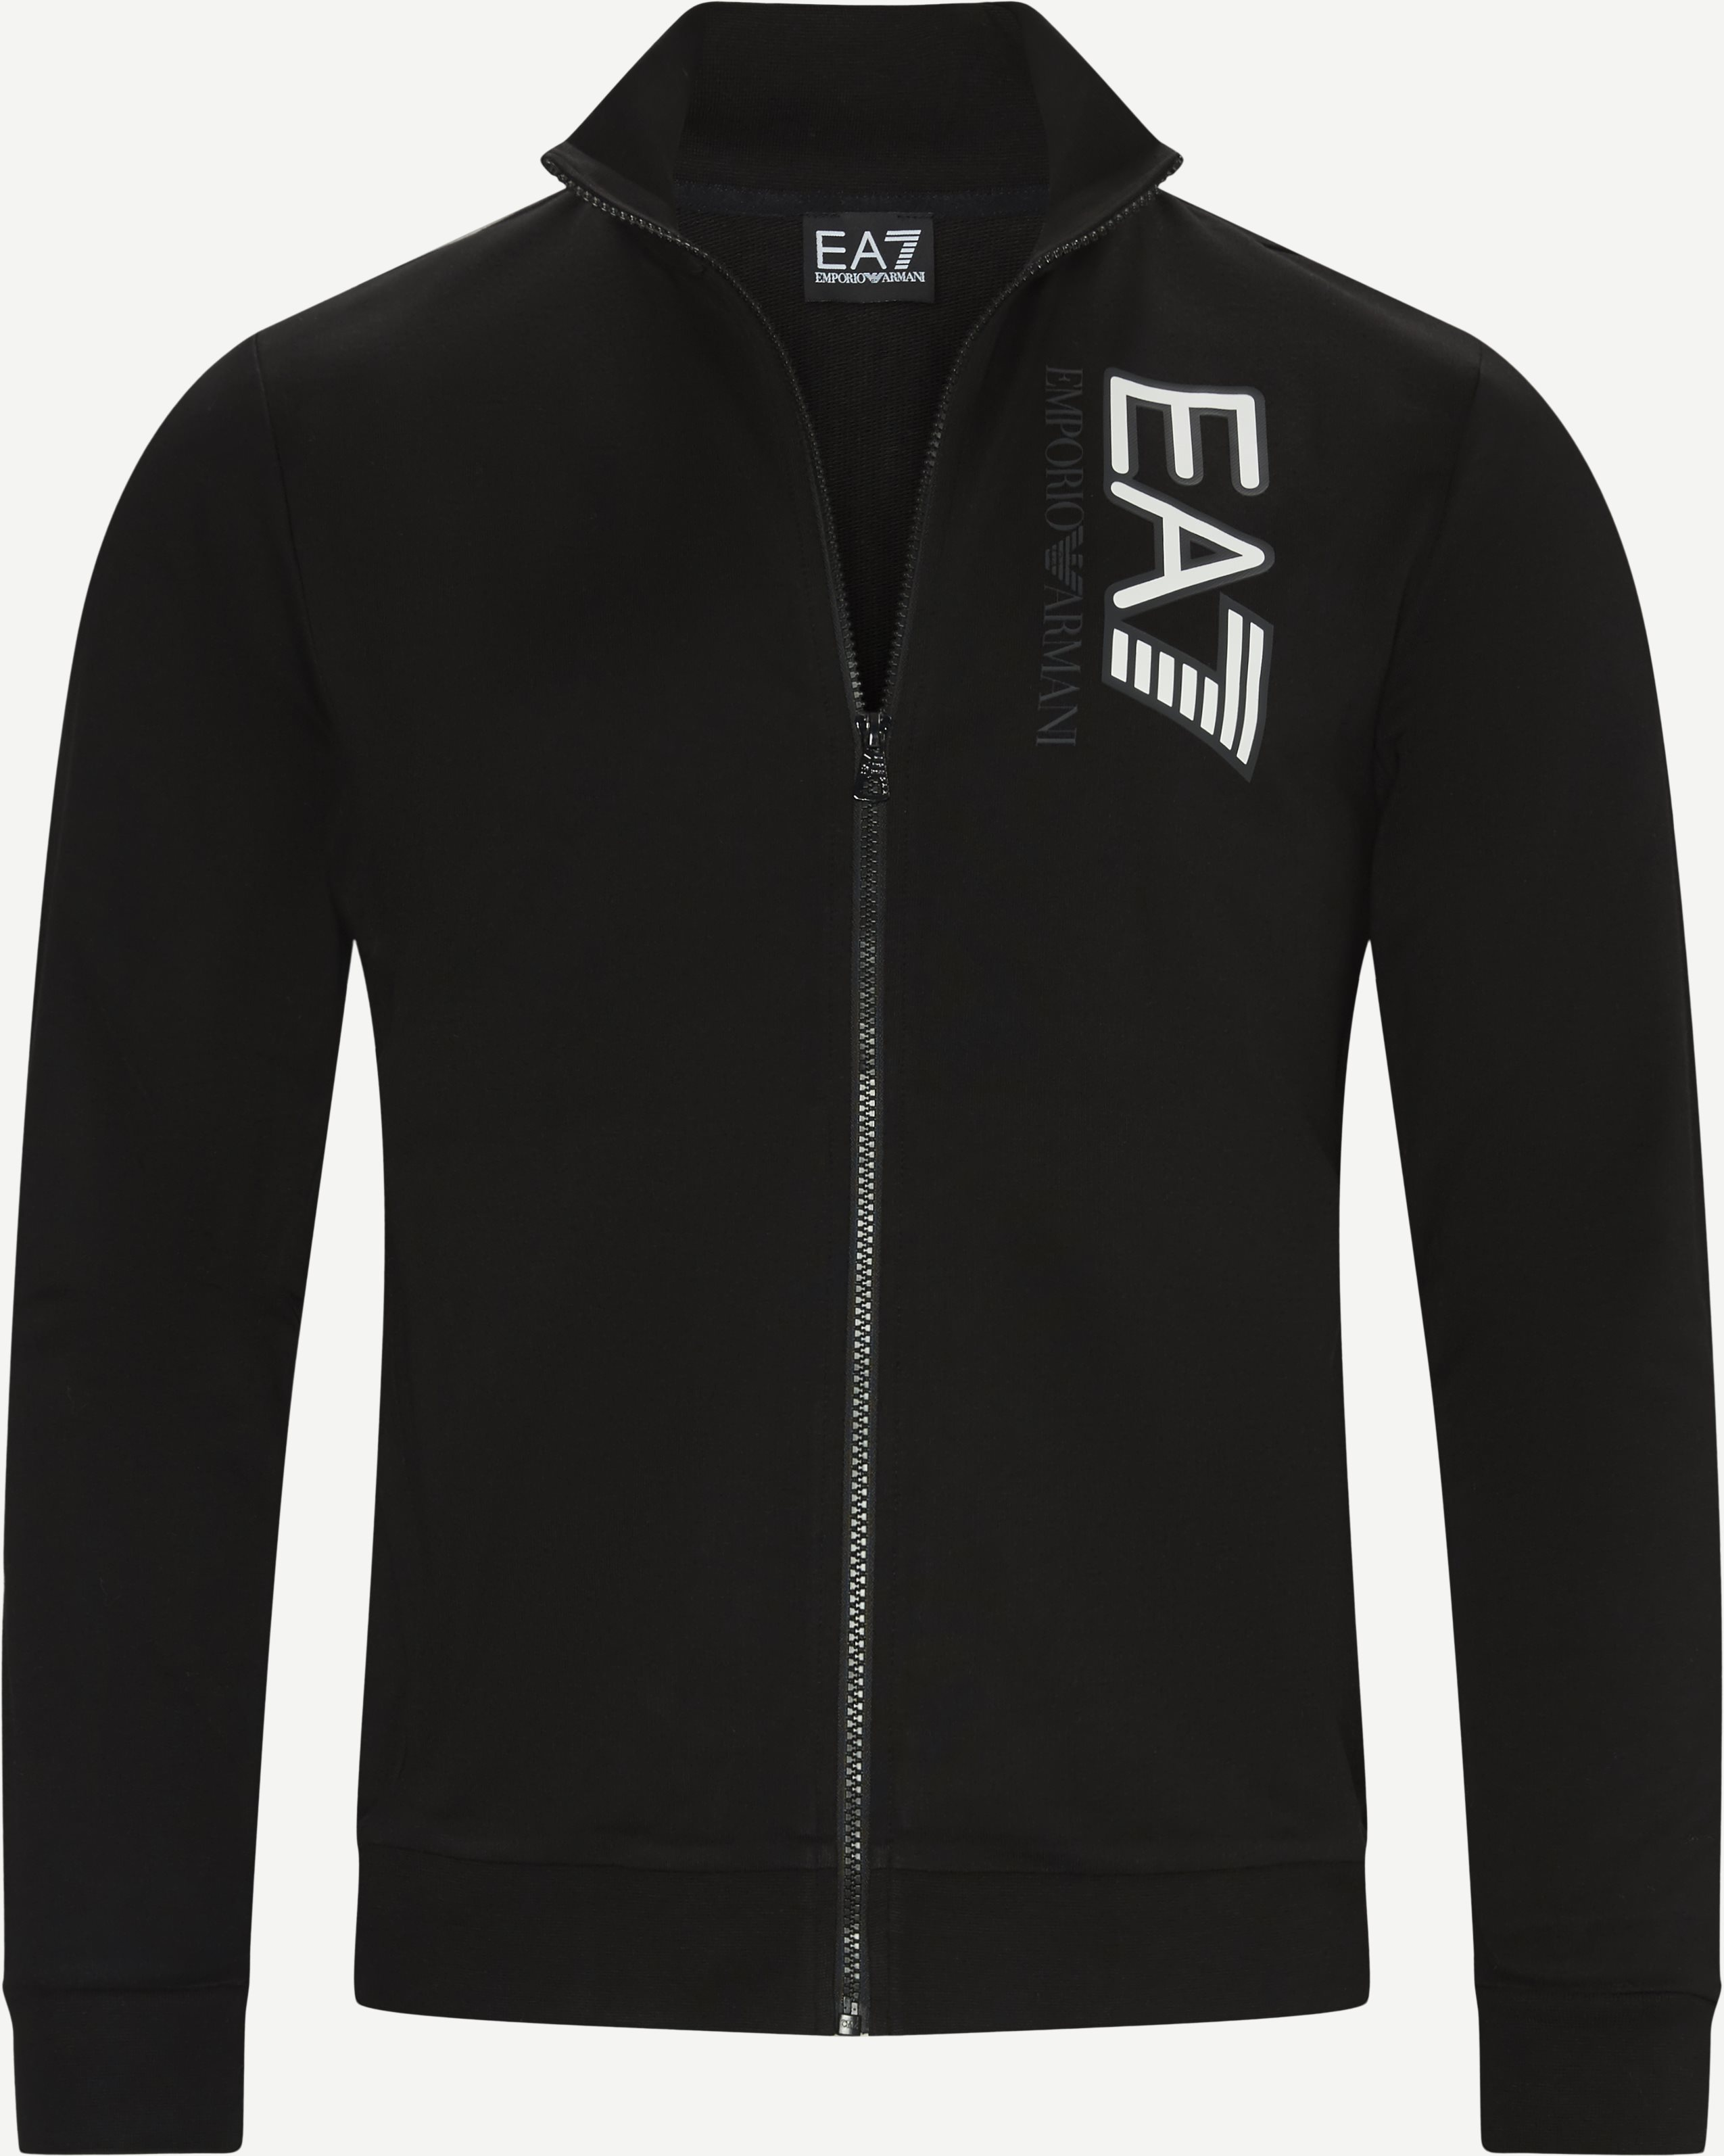 PJ05Z Zip Sweatshirt - Sweatshirts - Regular - Sort